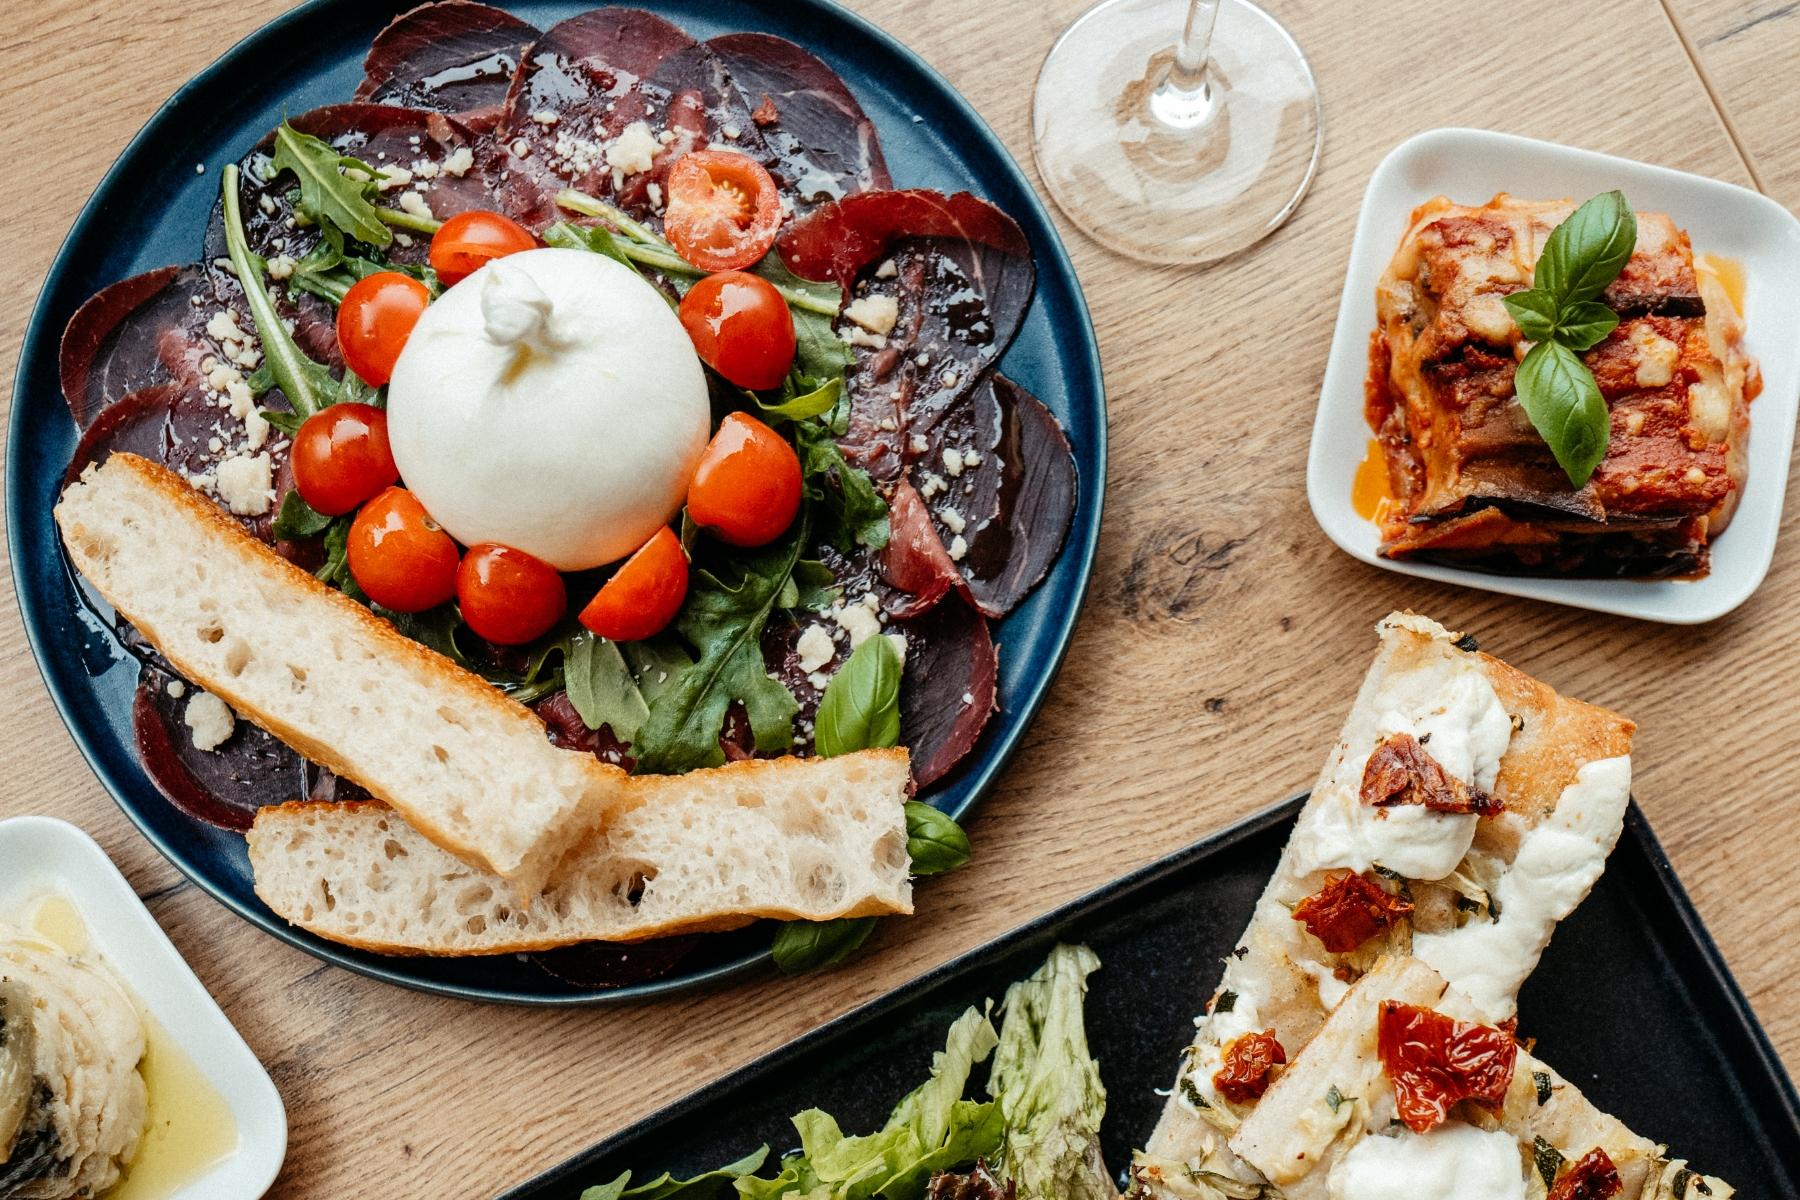 GeheimtippHamburg Restaurant Foccacceria Apulia 20 3